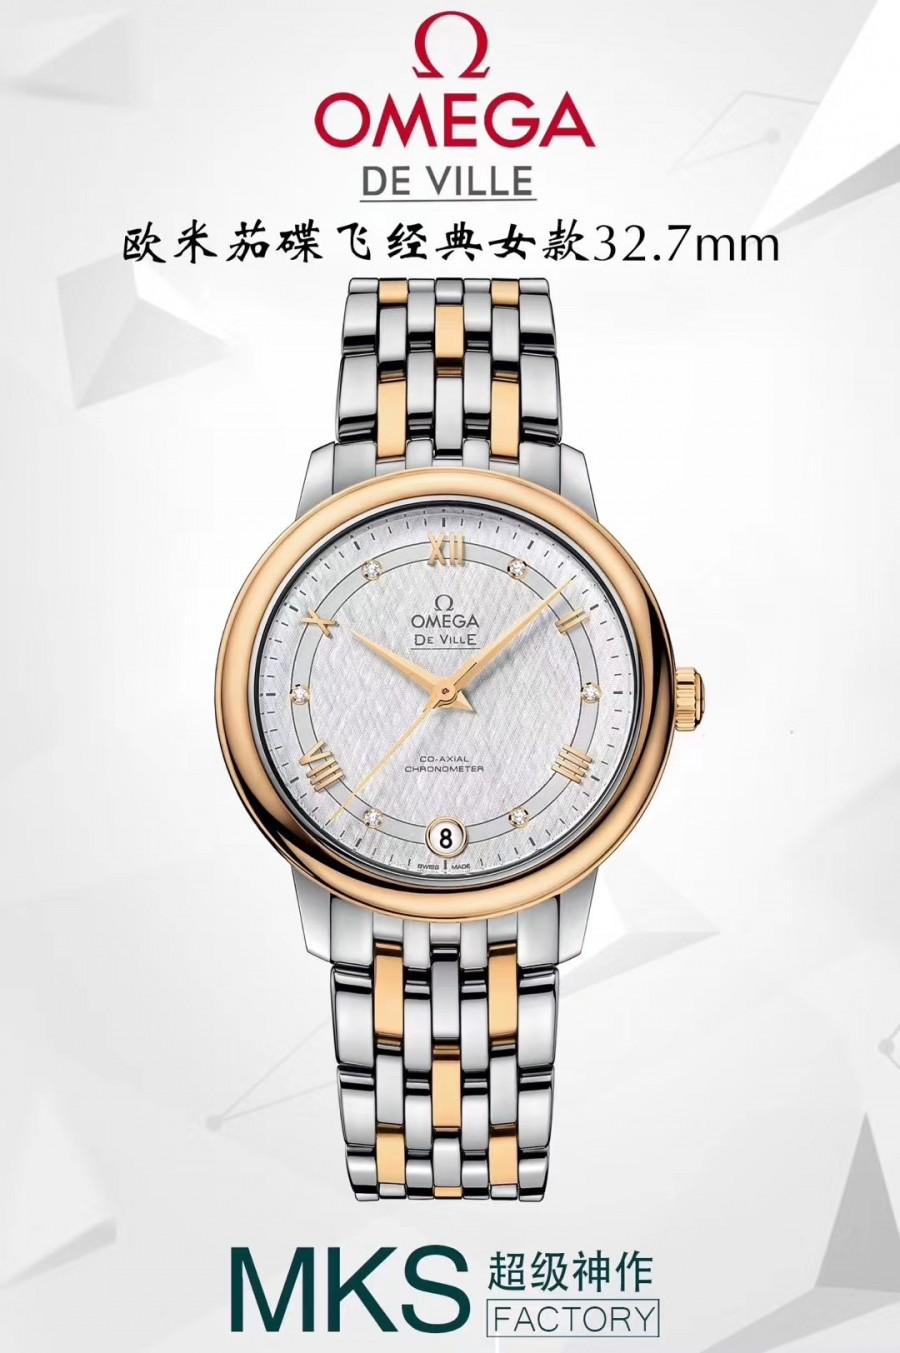 微信的复刻表-淘宝买高仿手表,微信卖的复刻表可信吗(图2)